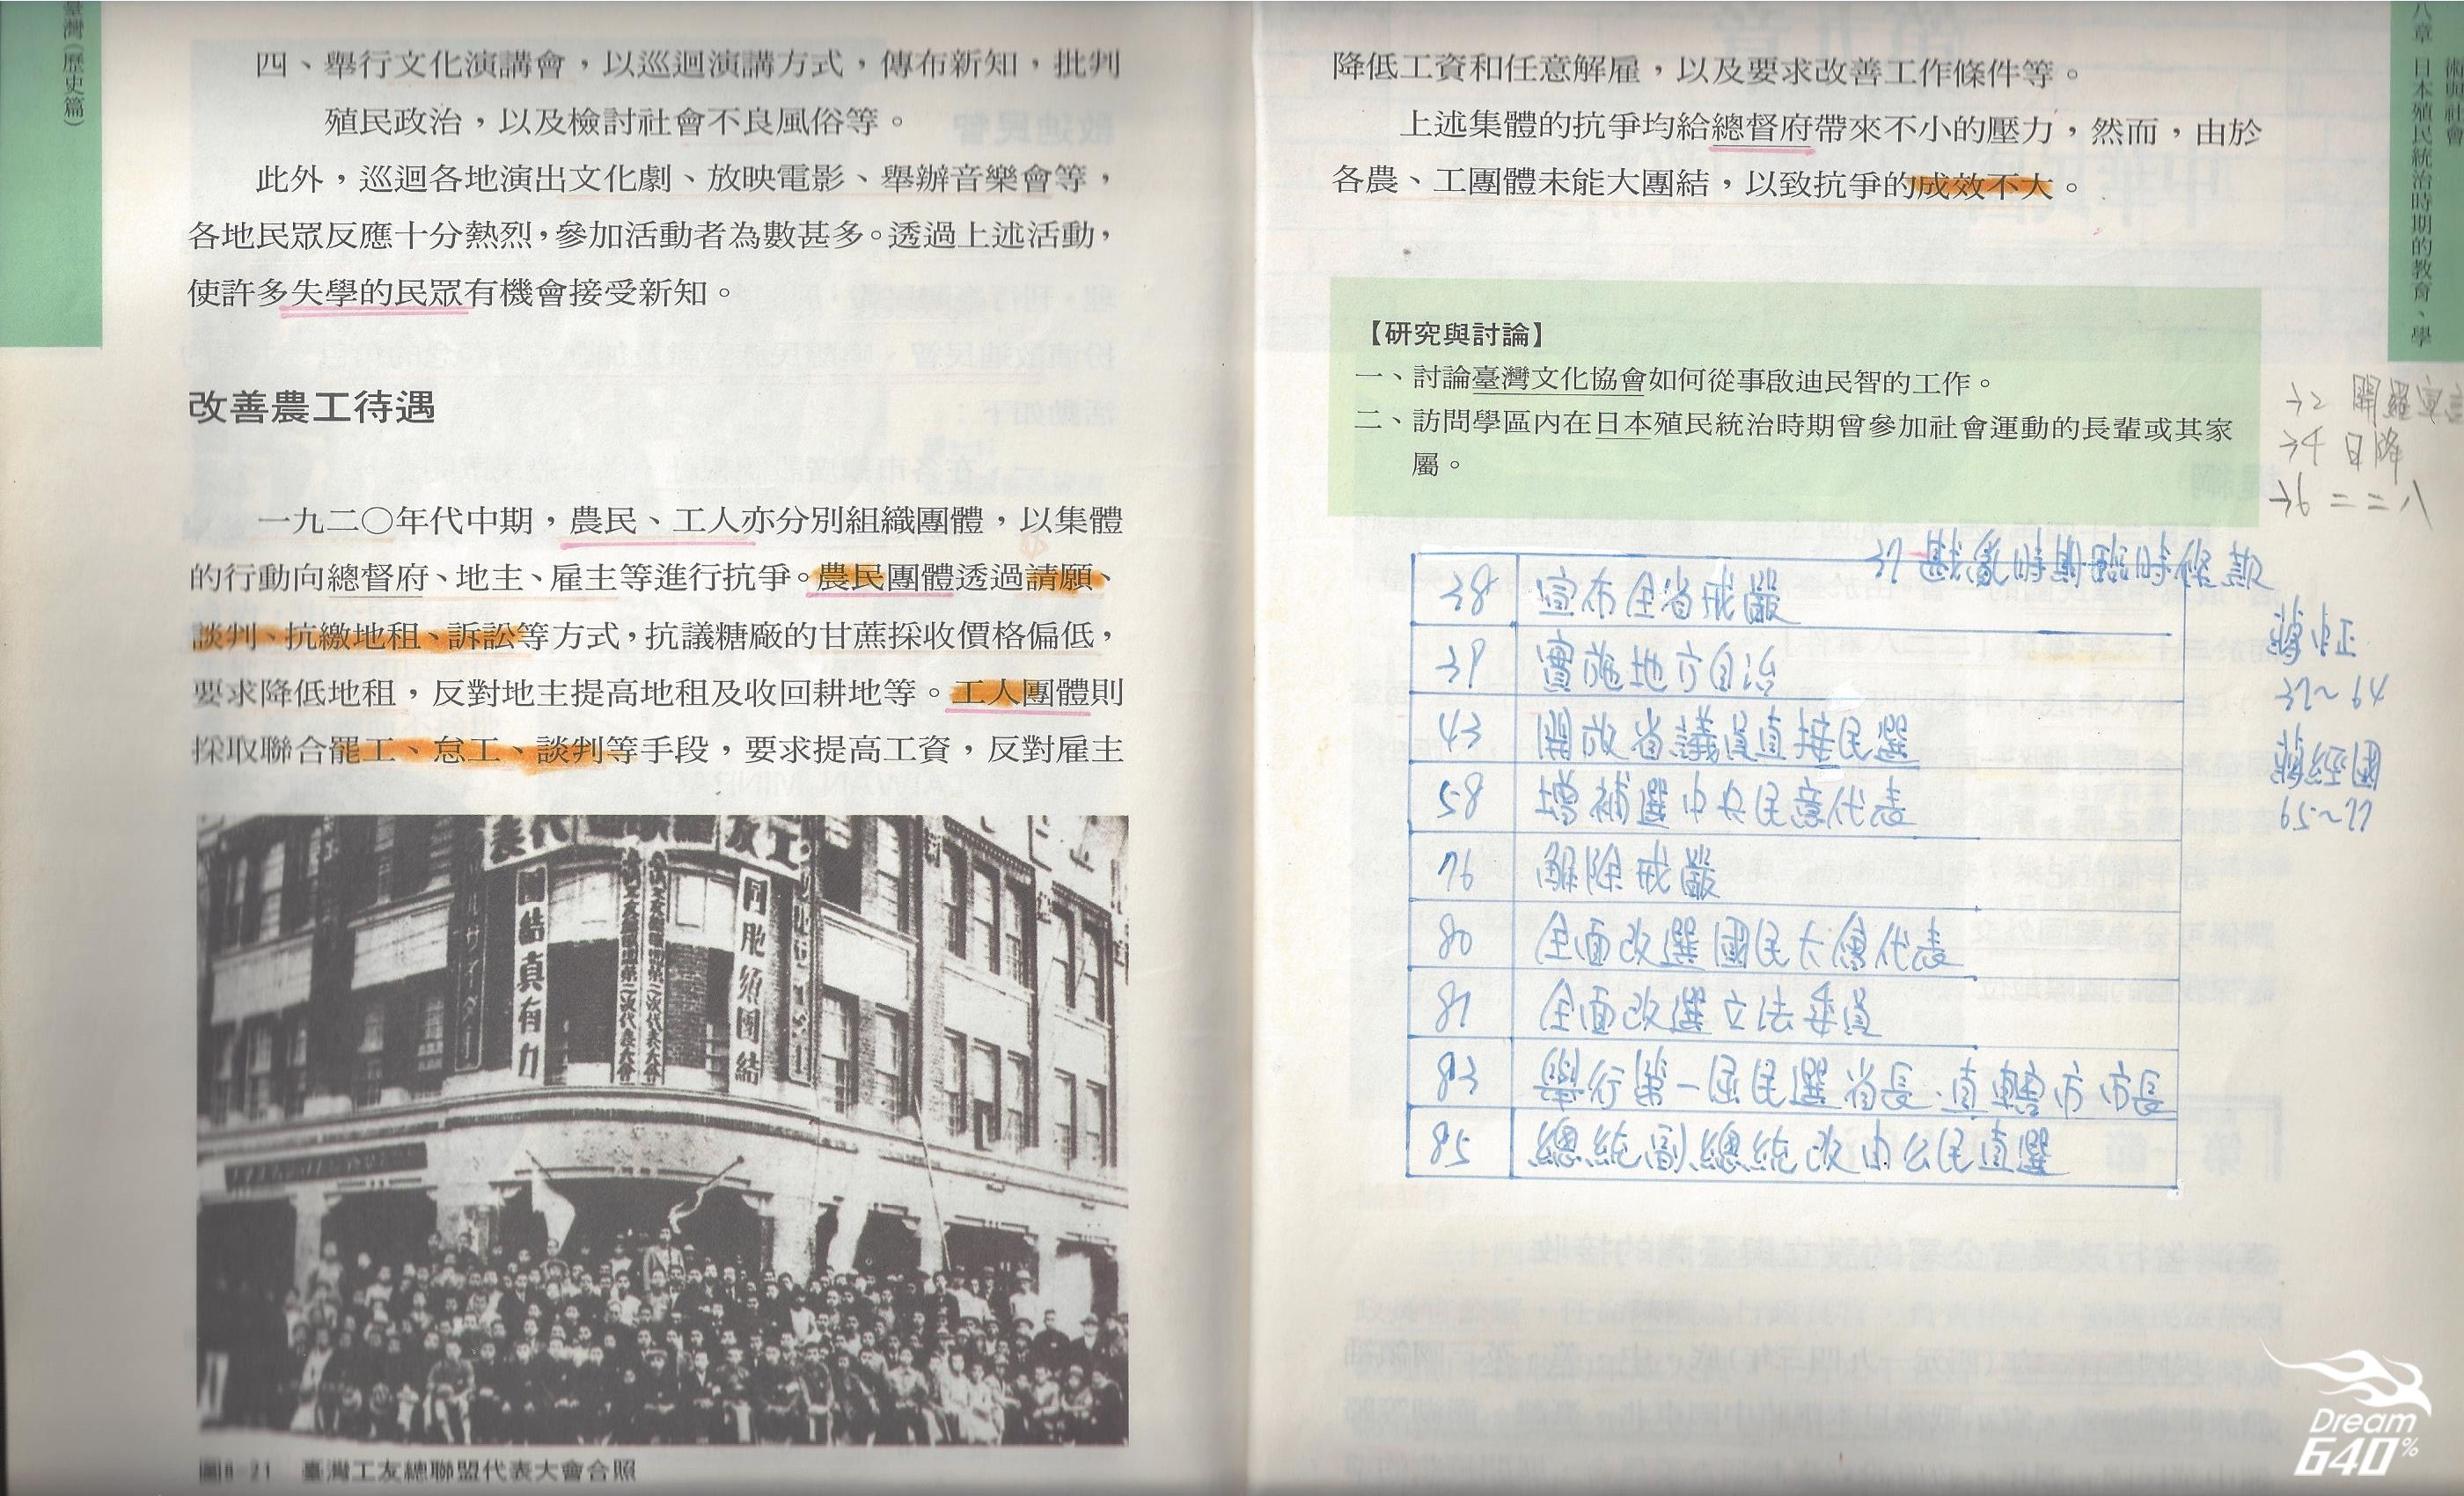 歷史課本-蔣渭水-內頁-3.jpg